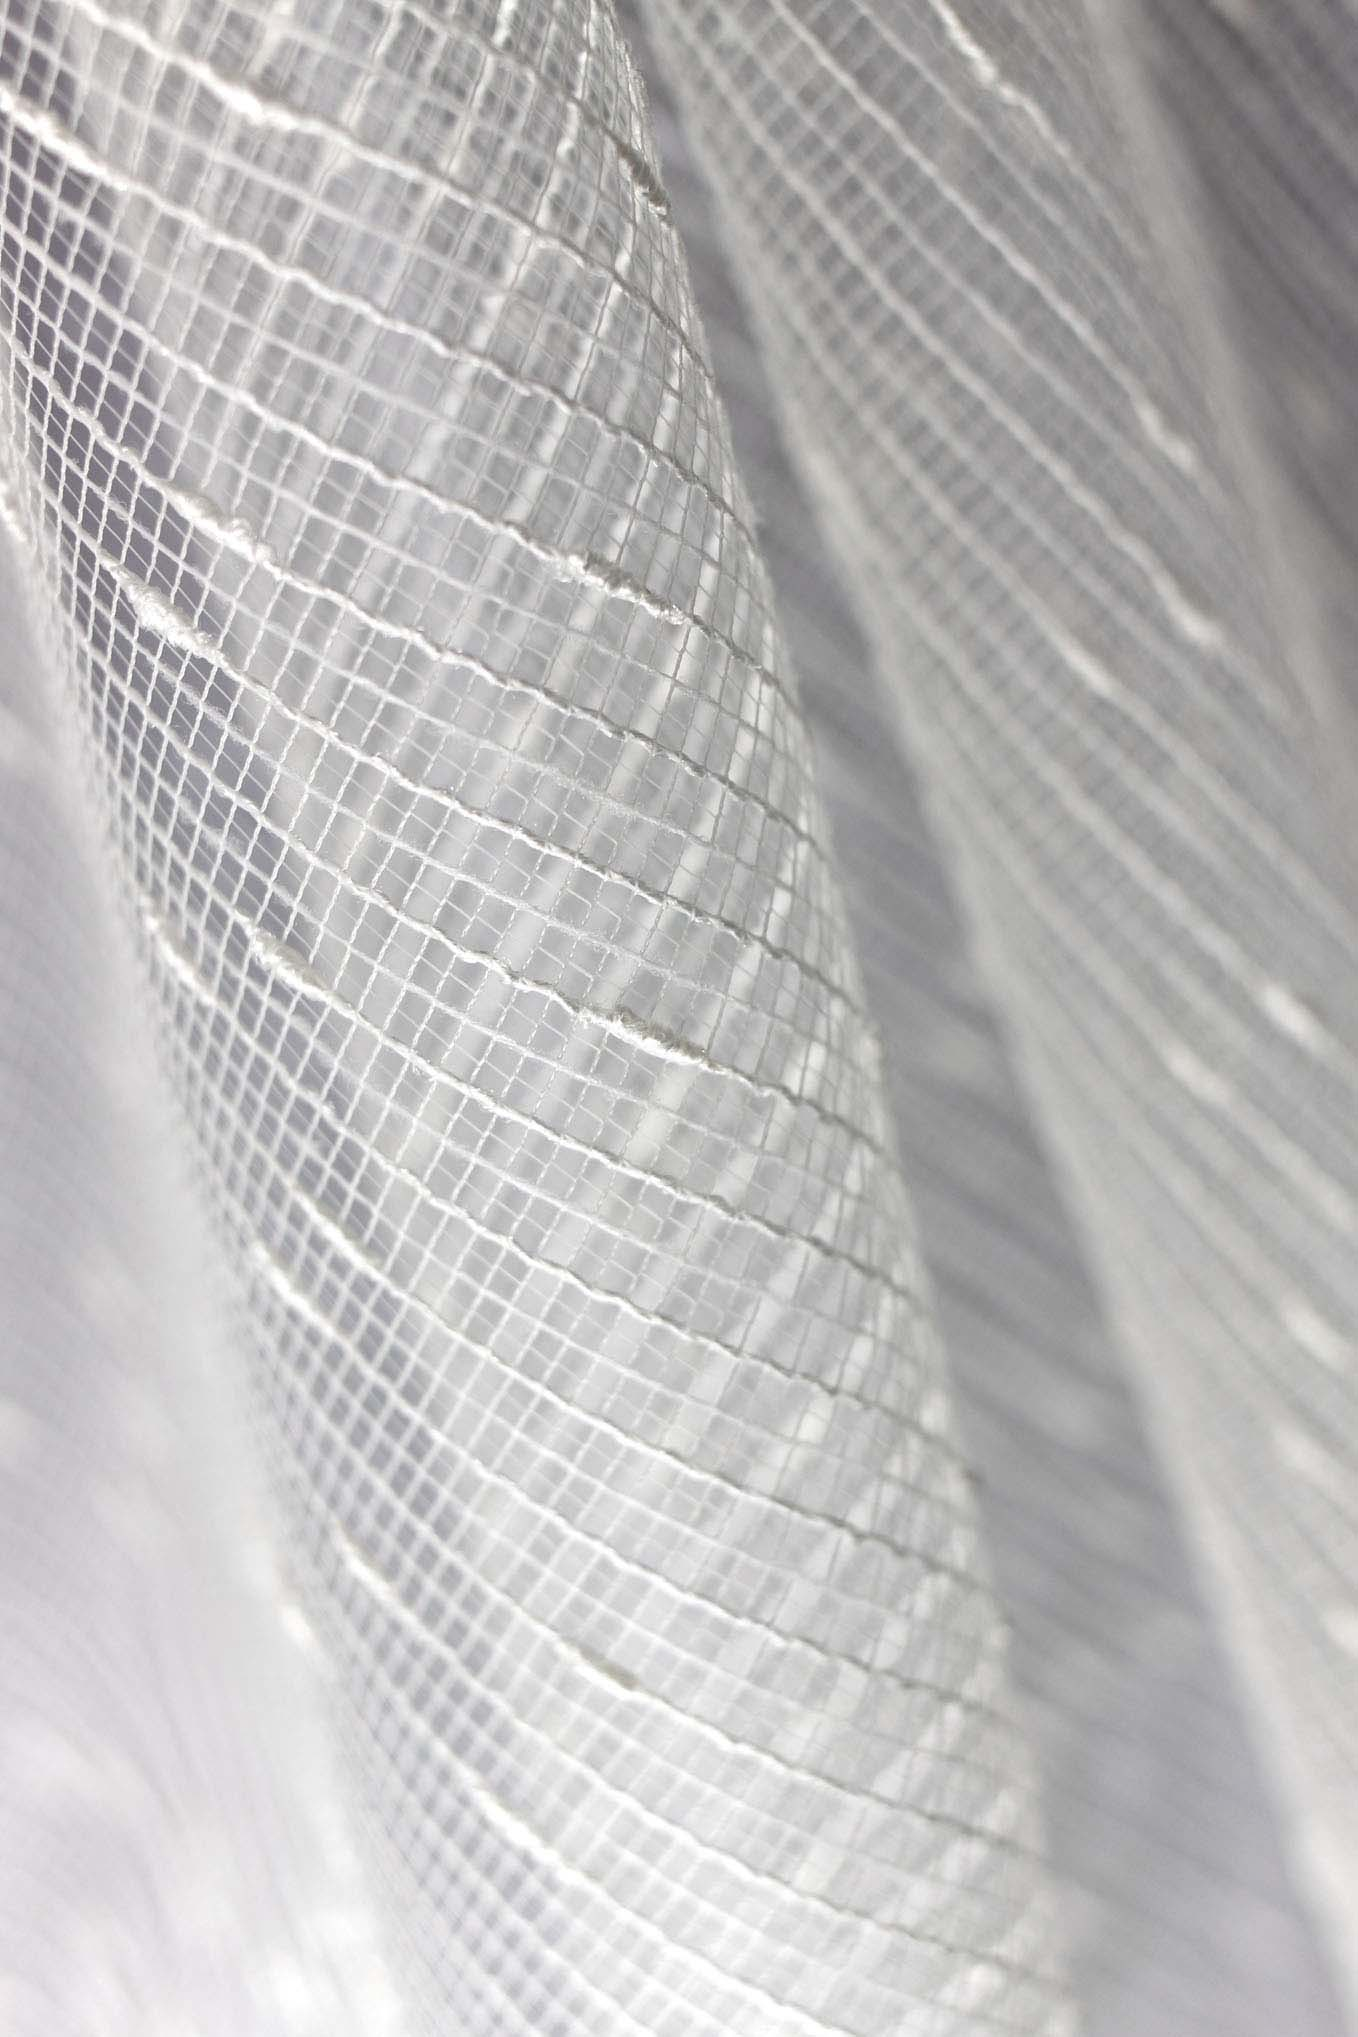 meterware gardinenstoff flora meterware gardinen vorh nge bn gardinen online shop. Black Bedroom Furniture Sets. Home Design Ideas